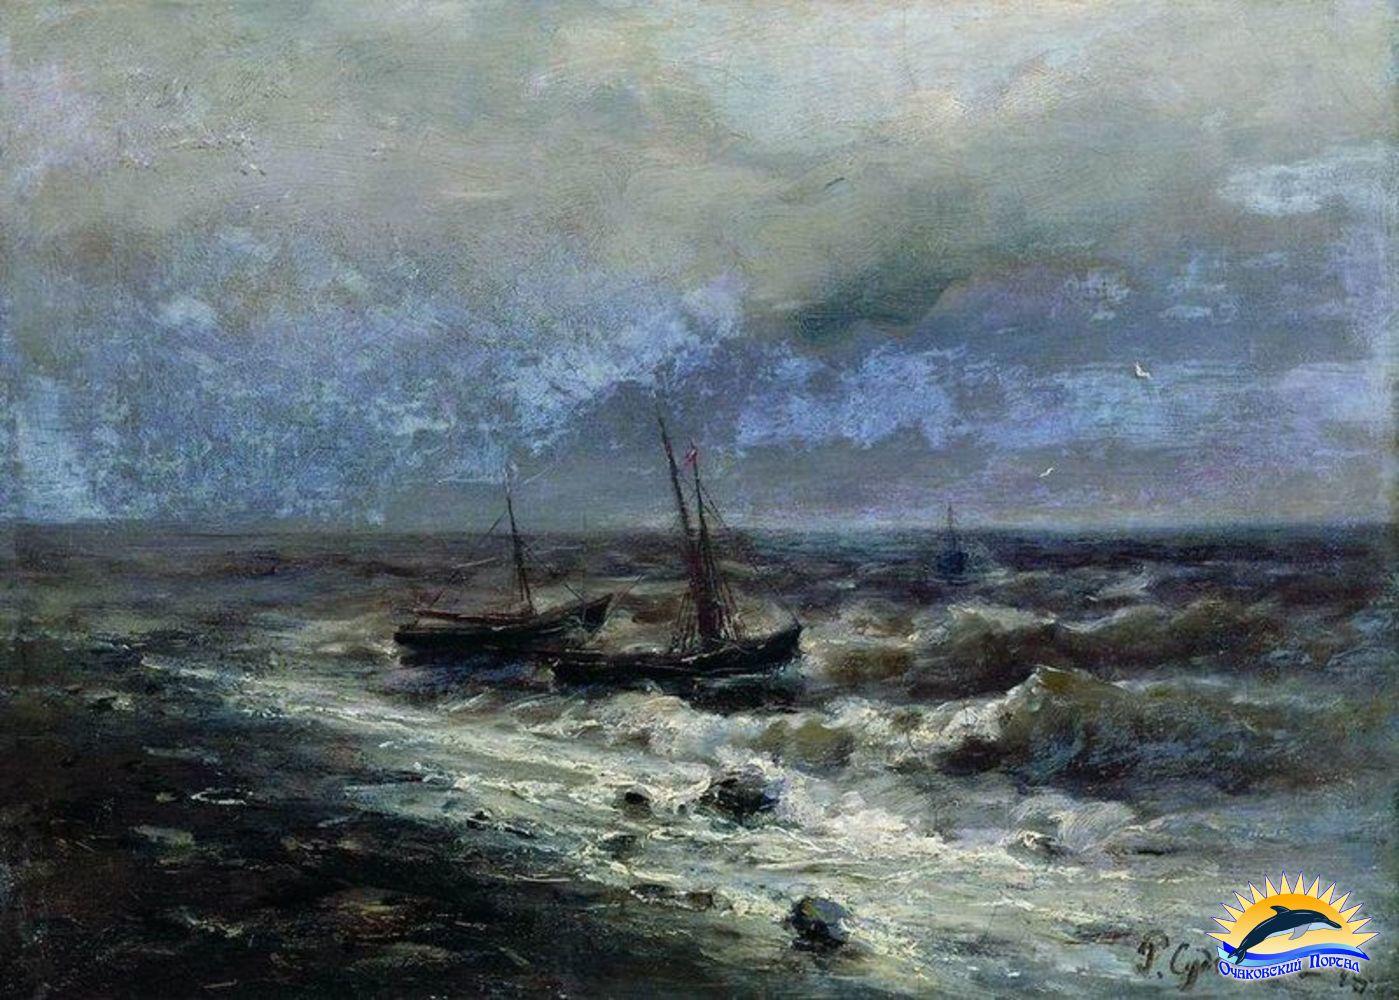 Судковский Р.Г. Неспокойное море. 1878